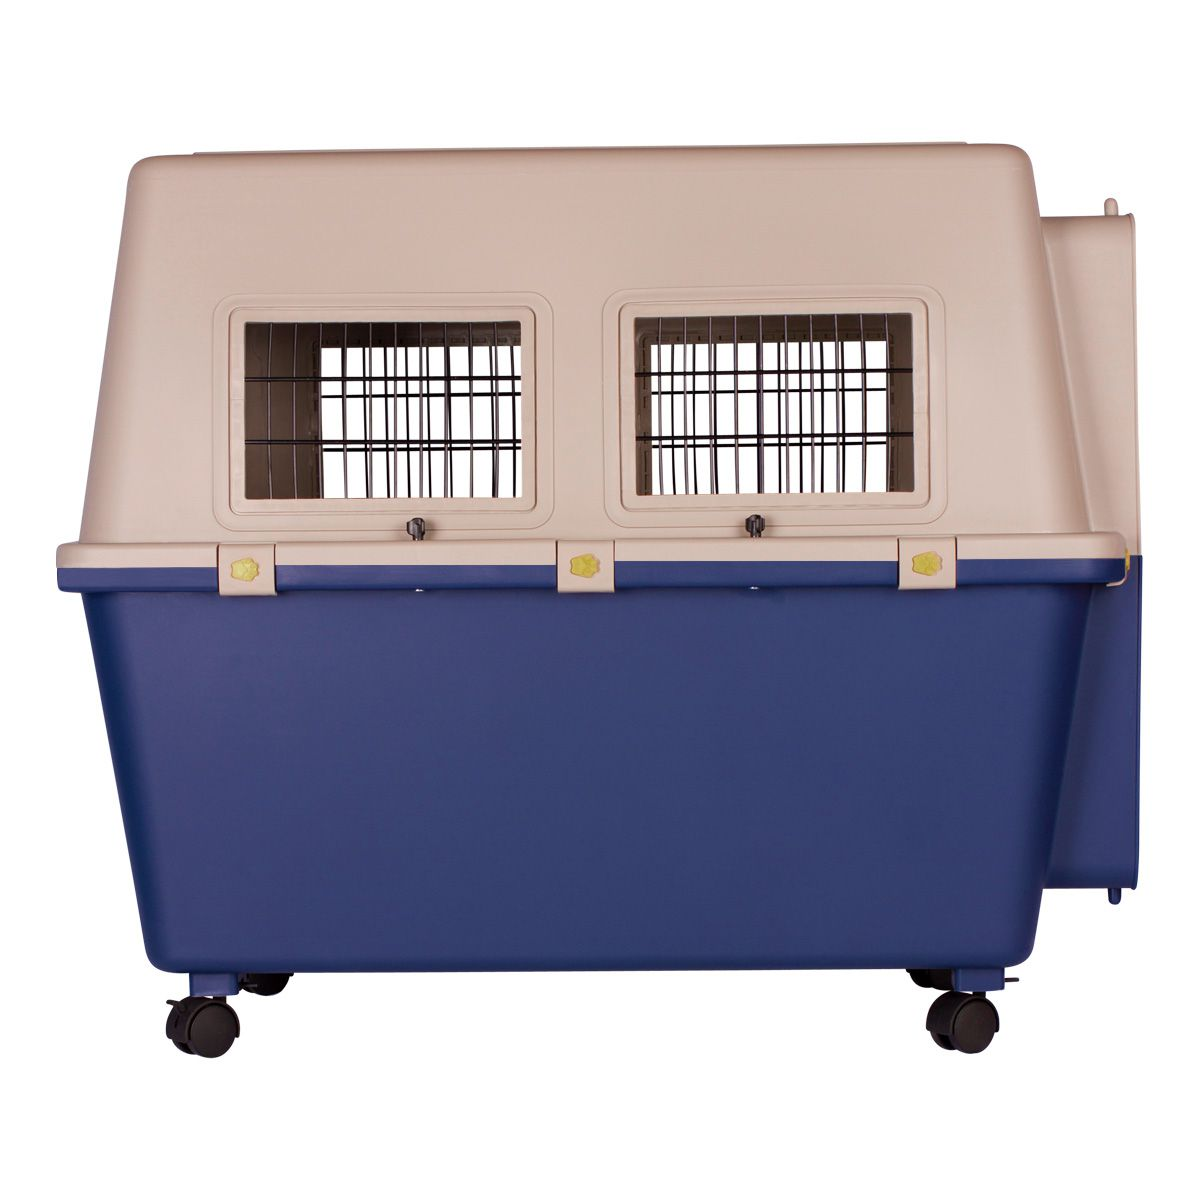 Caixa de Transporte Dog Fly modelo IATA Tamanho 7 N7 + Bebedouro